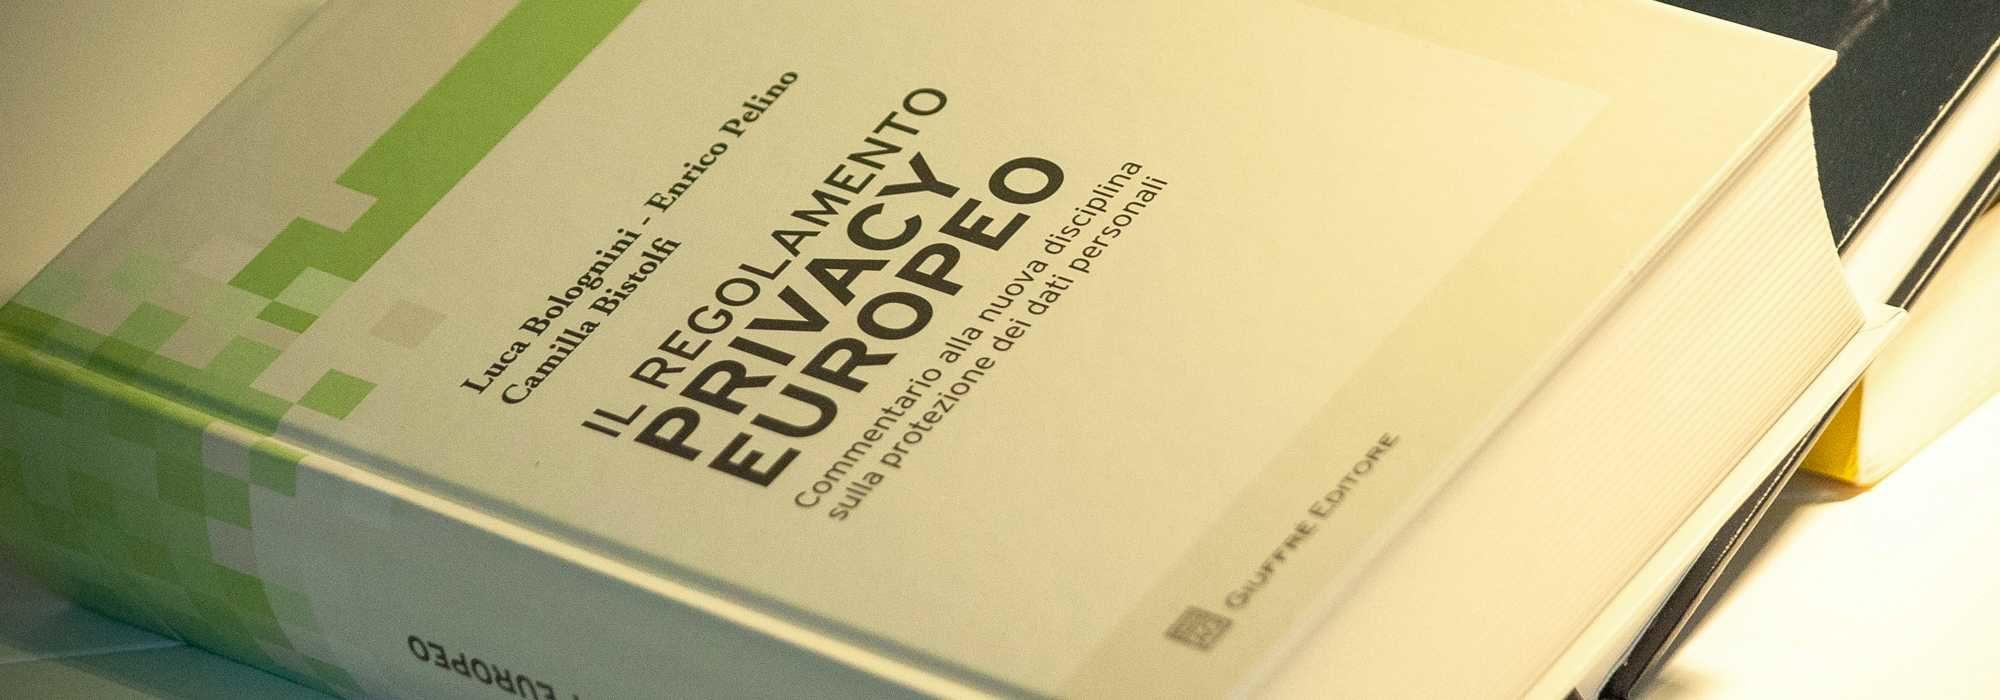 Pelino, Bolognini, Bistolfi - Il Regolamento Privacy Europeo